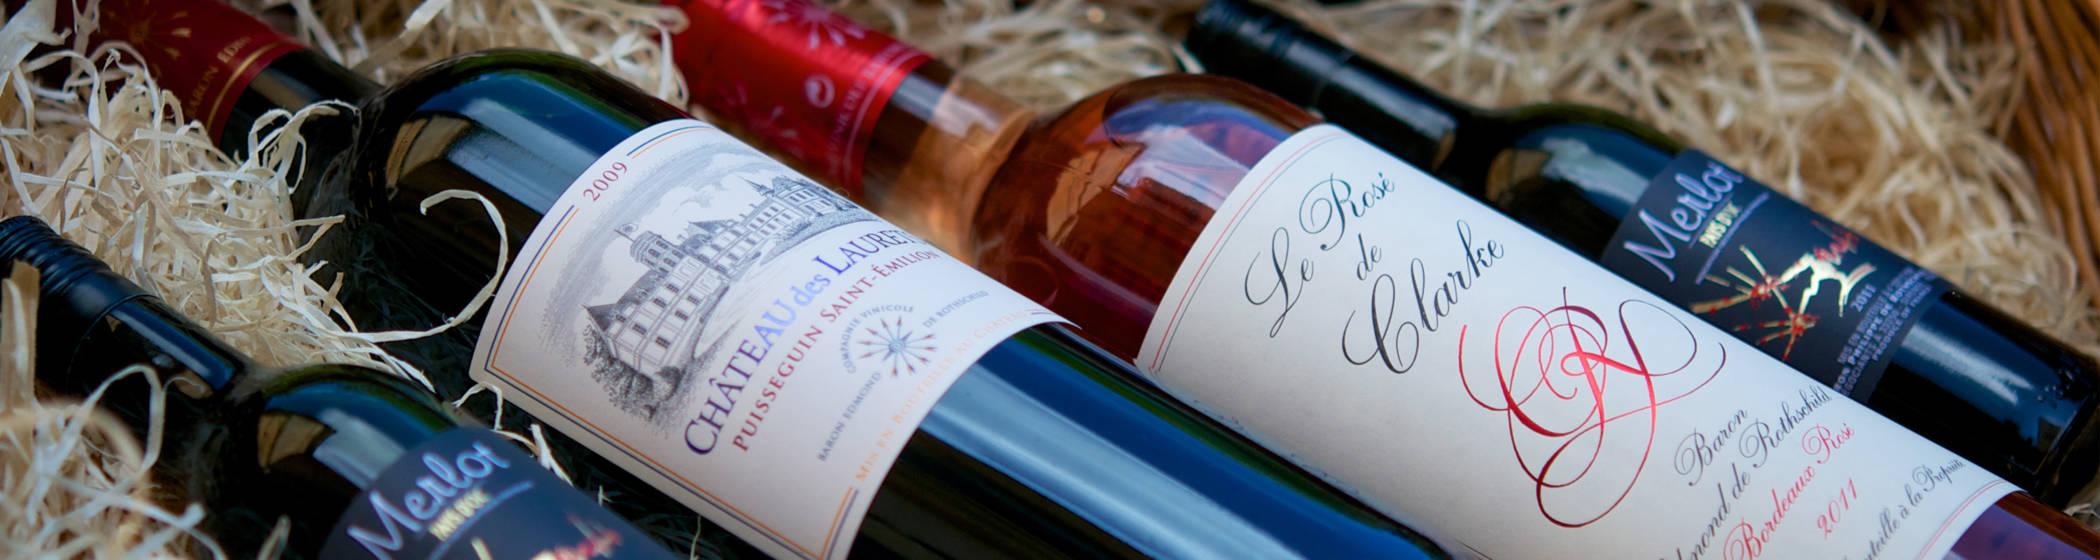 Wines at Waddesdon